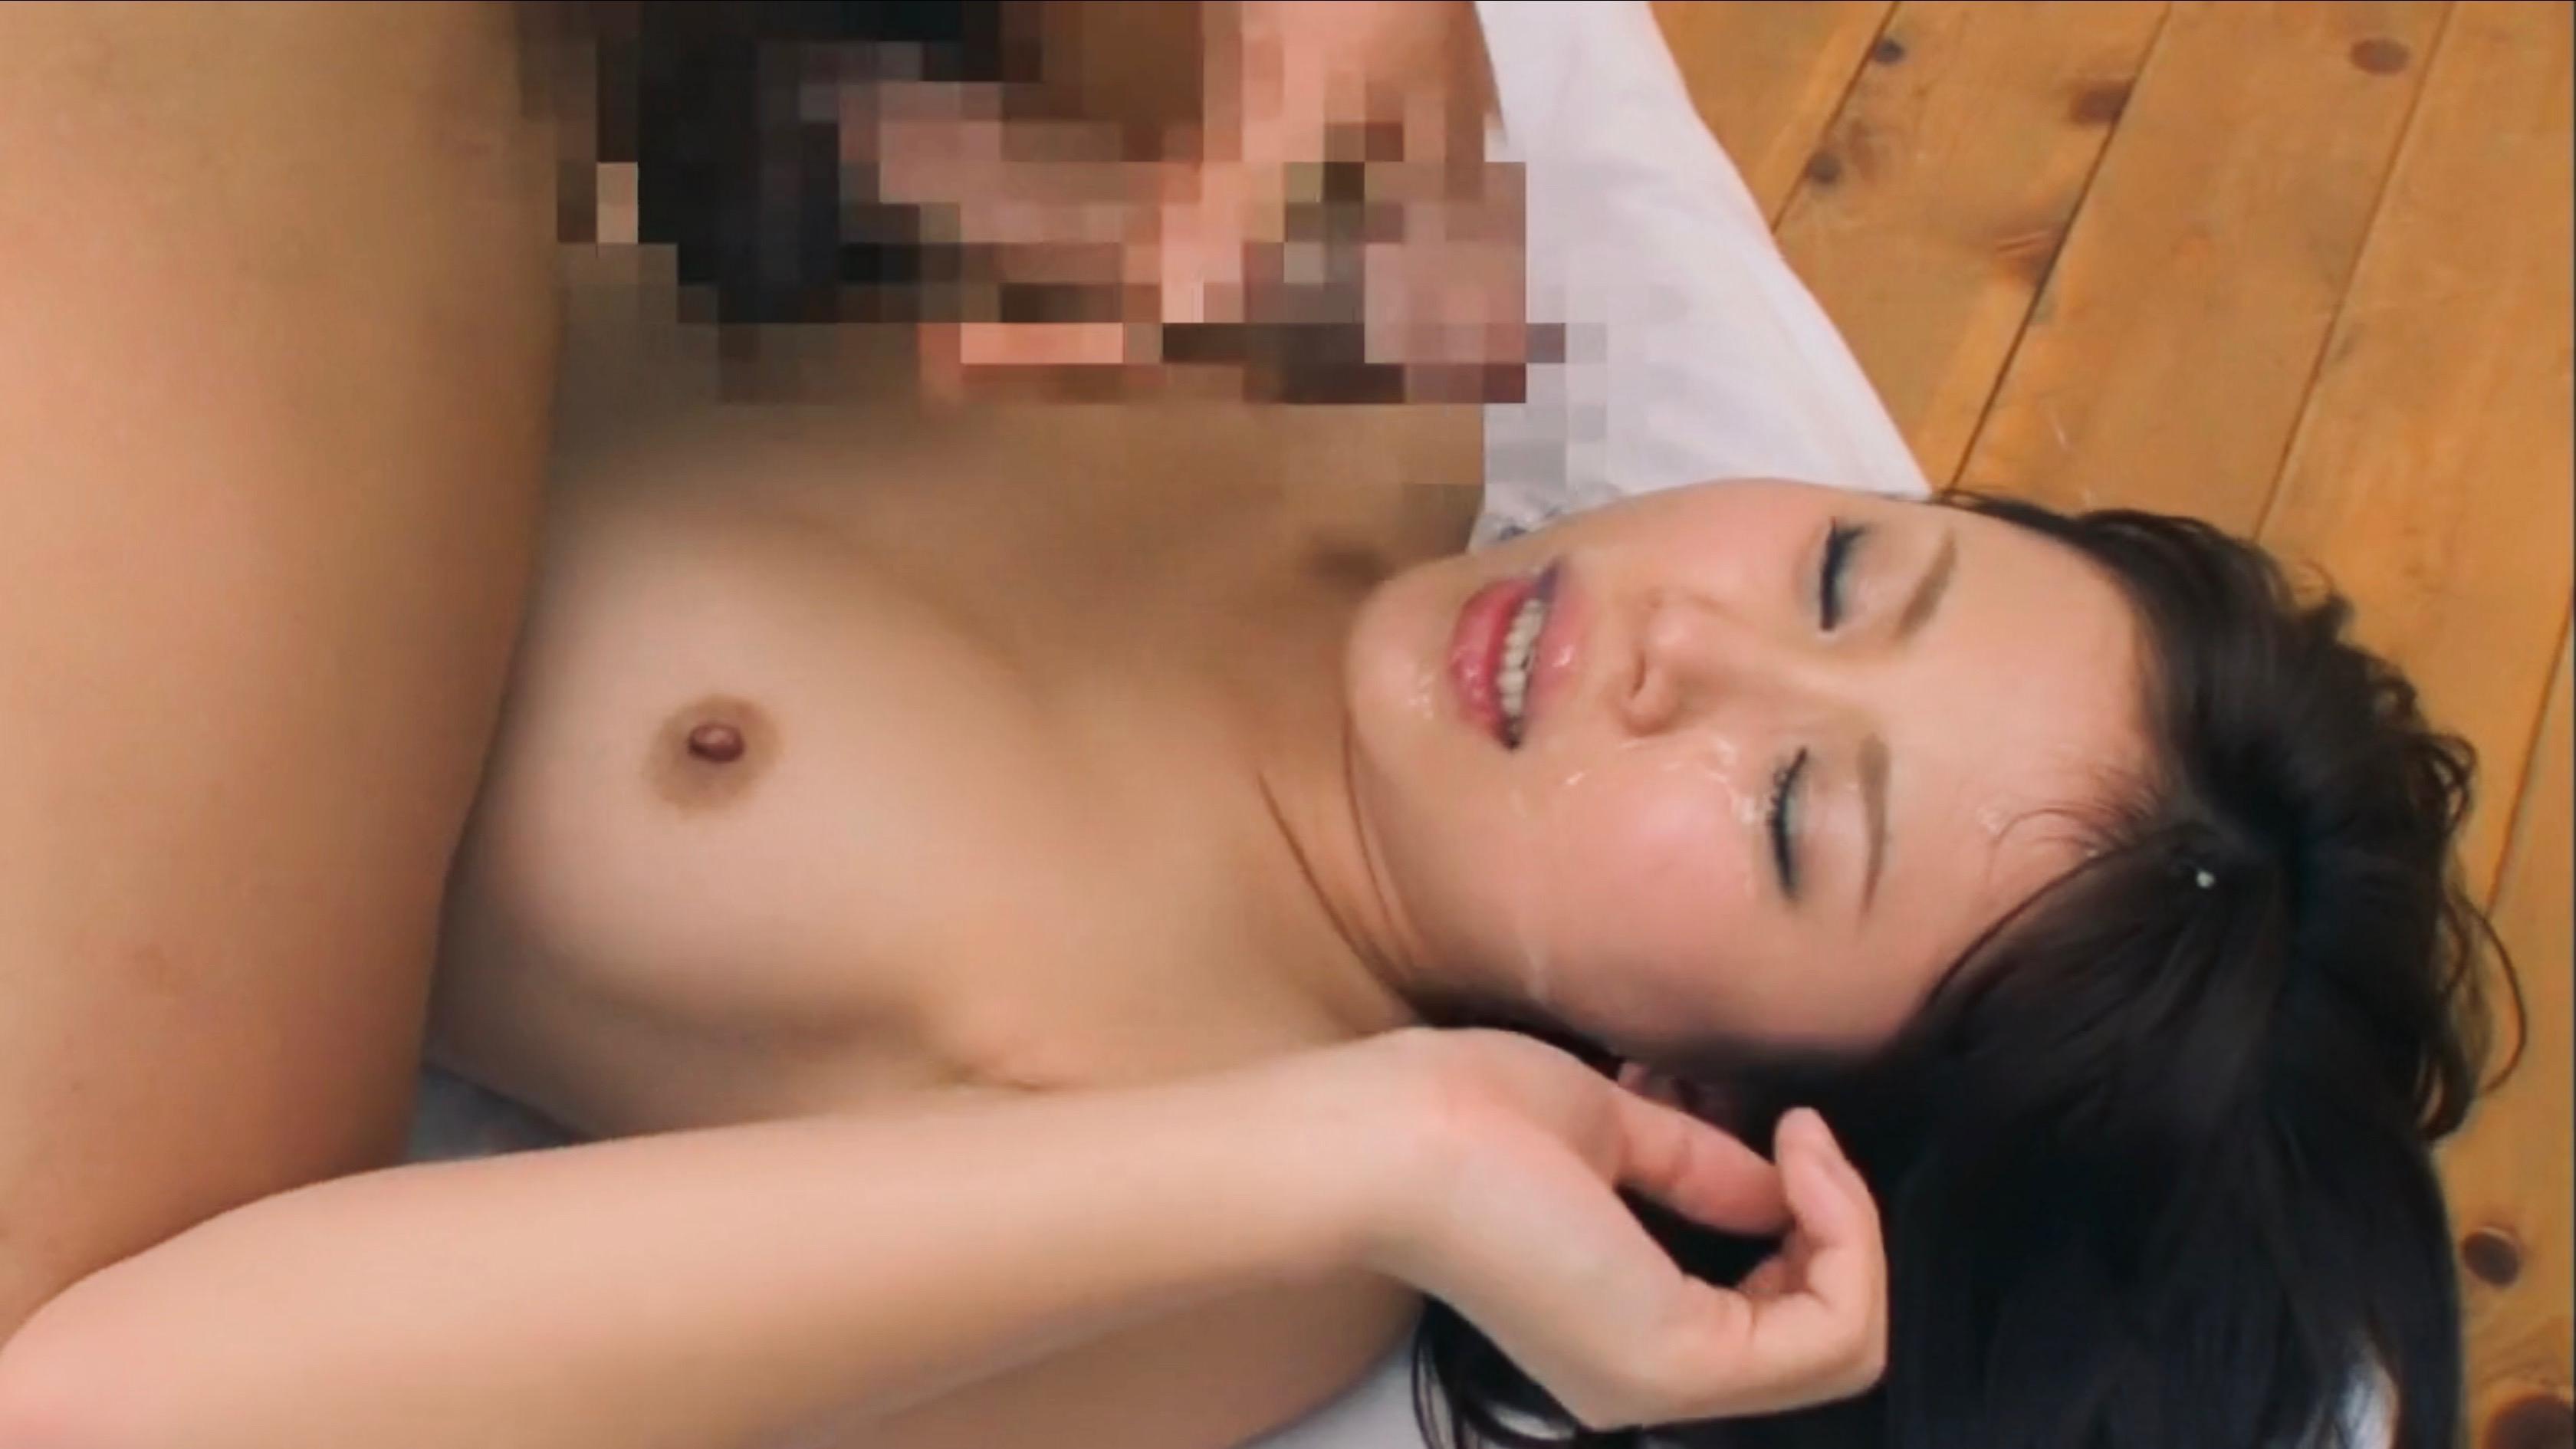 【美咲あかり】現役女子大生デビュー作で連続顔射フィニッシュ!!